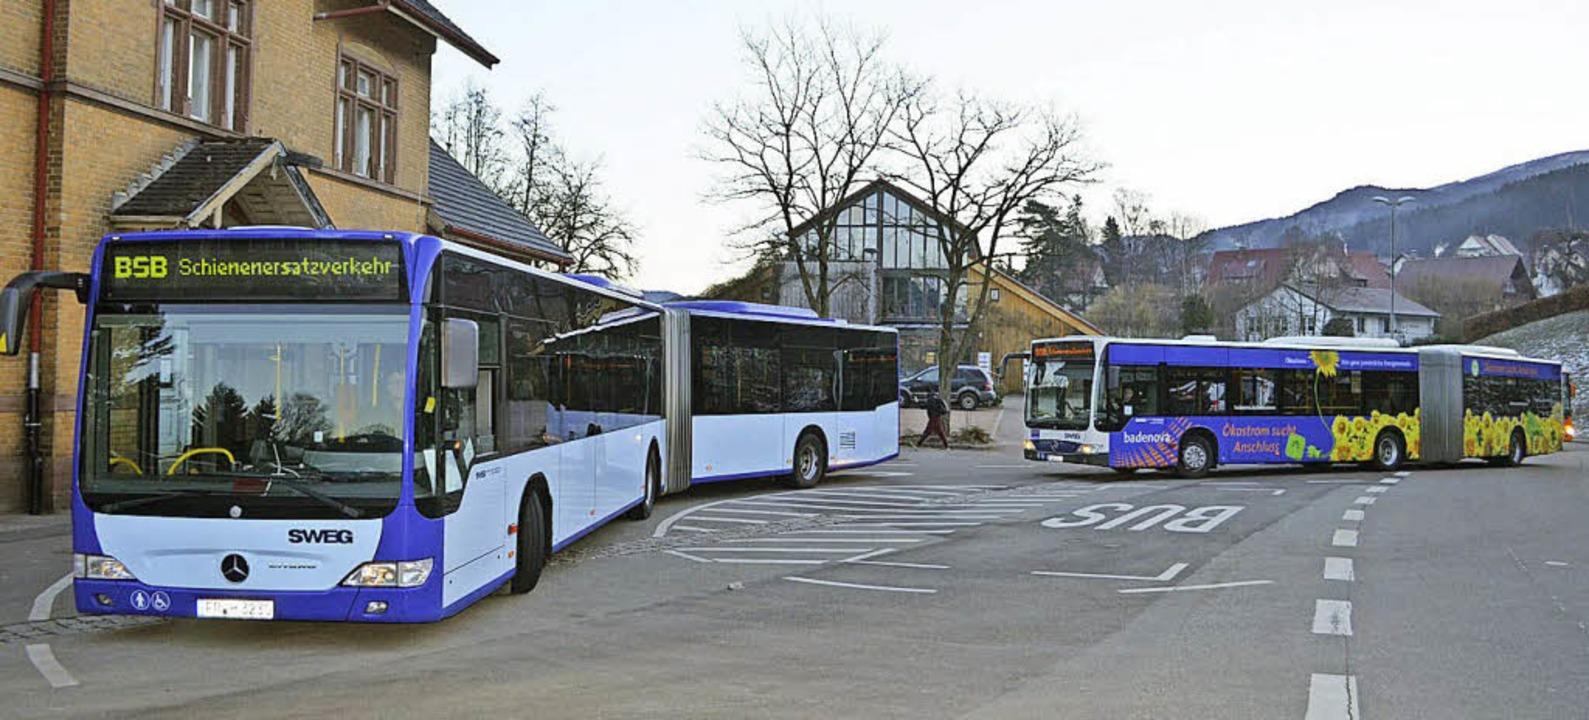 Schienenersatzverkehr während des Brückenabrisses in Niederwinden.  | Foto: Nikolaus Bayer